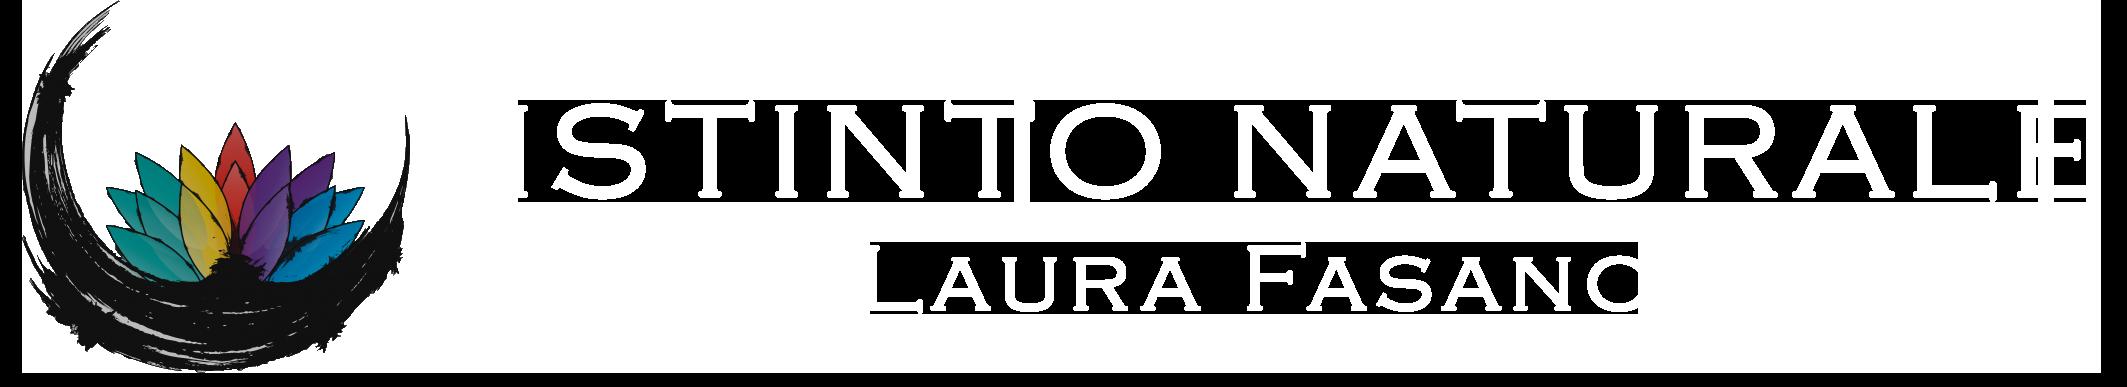 Istinto Naturale di Laura Fasano